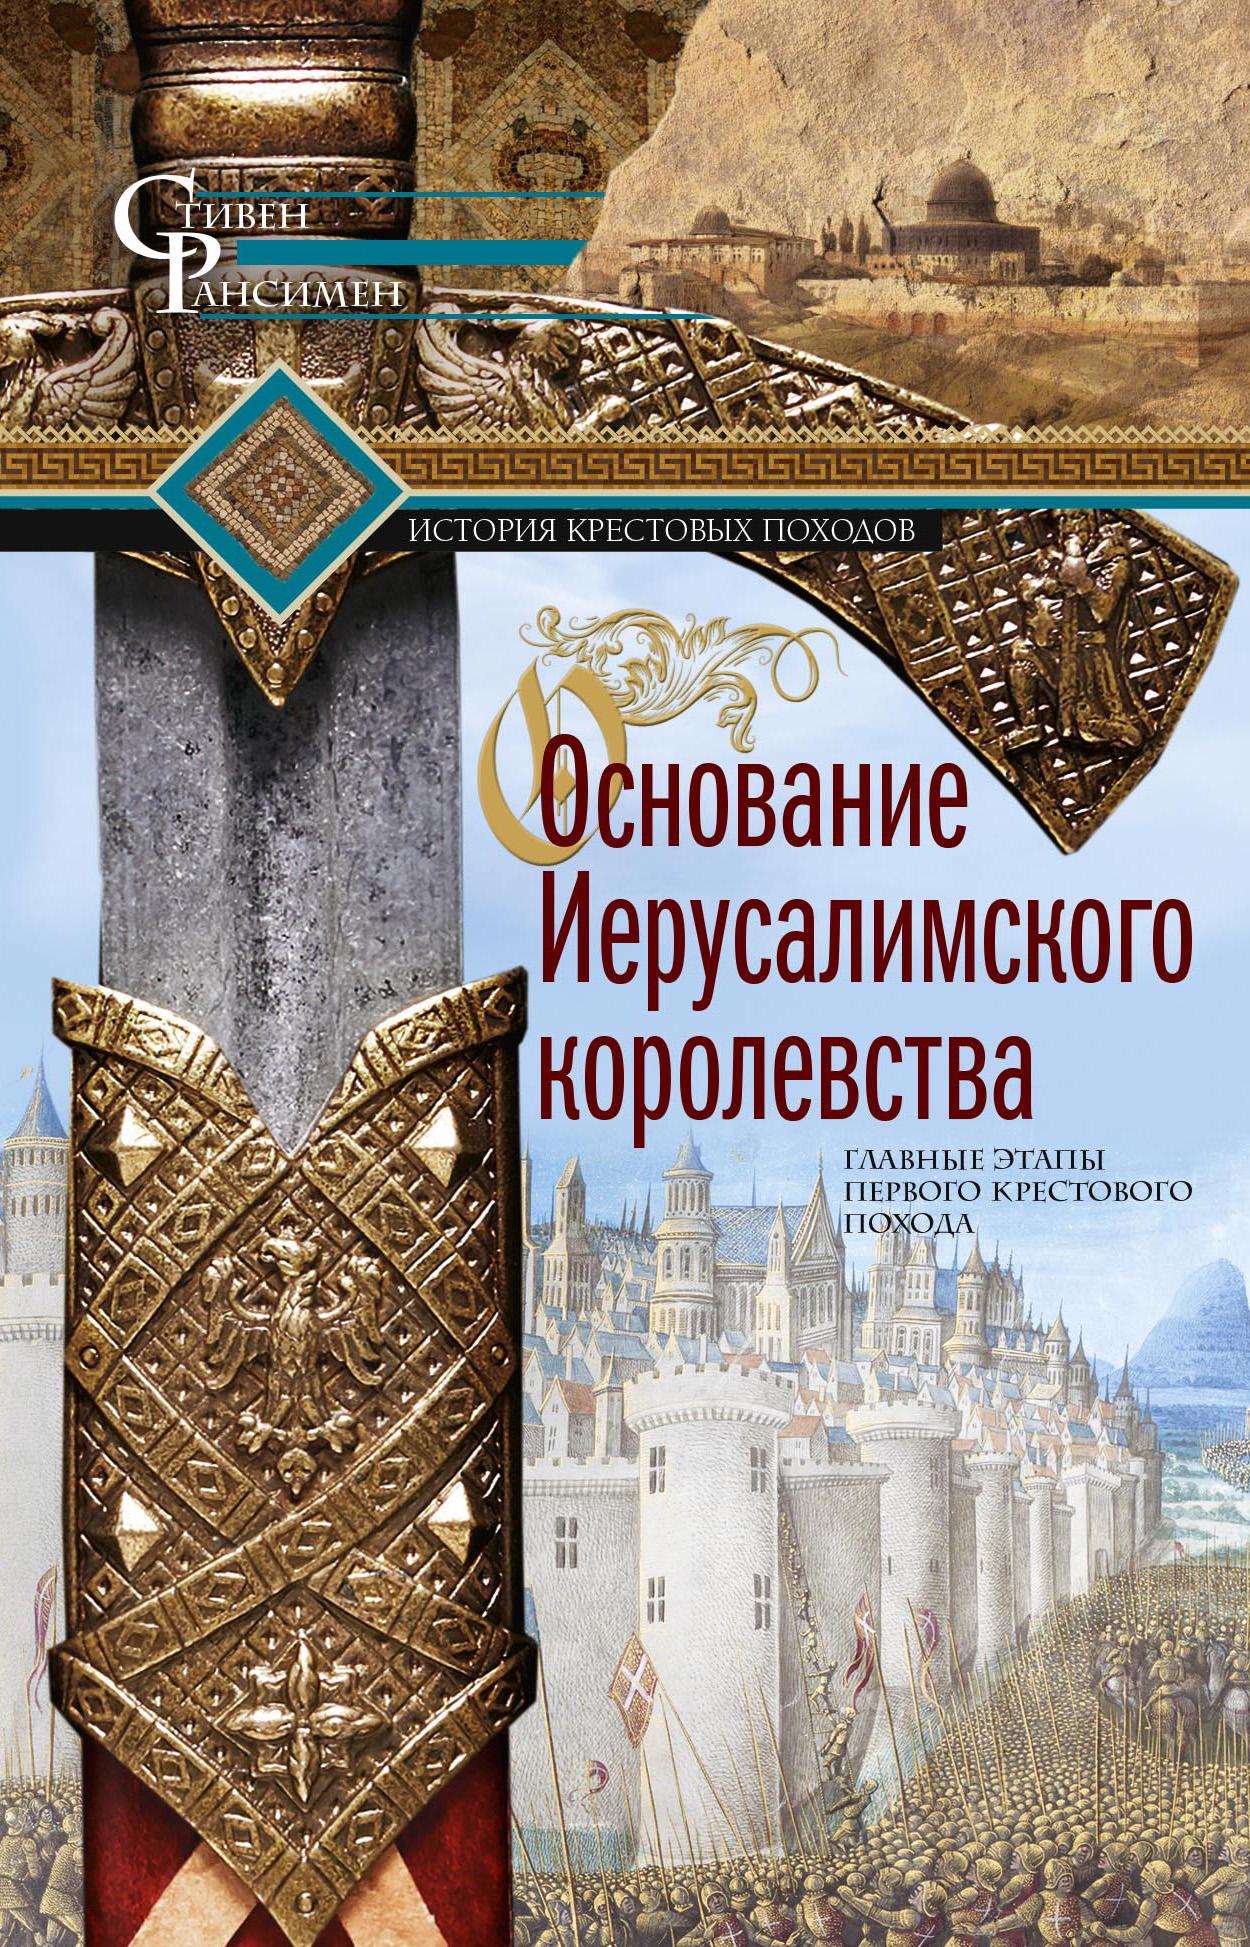 Купить книгу Основание Иерусалимского королевства. Главные этапы Первого крестового похода, автора Стивена Рансимена